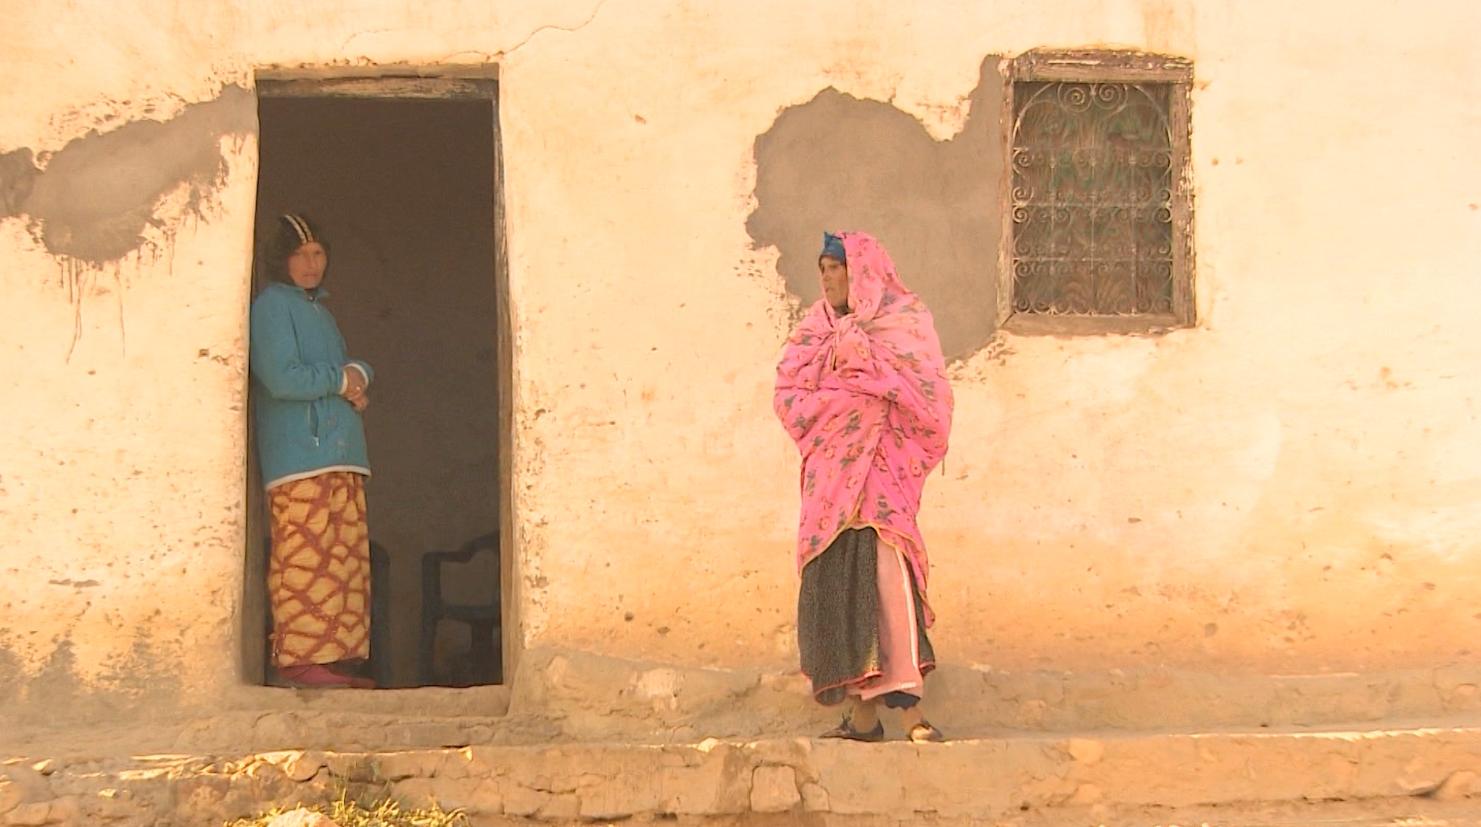 شاهد بالفيديو: عندما يكون جيرانك هم داعش... الأمن التونسي يعاني لمكافحة الإرهاب